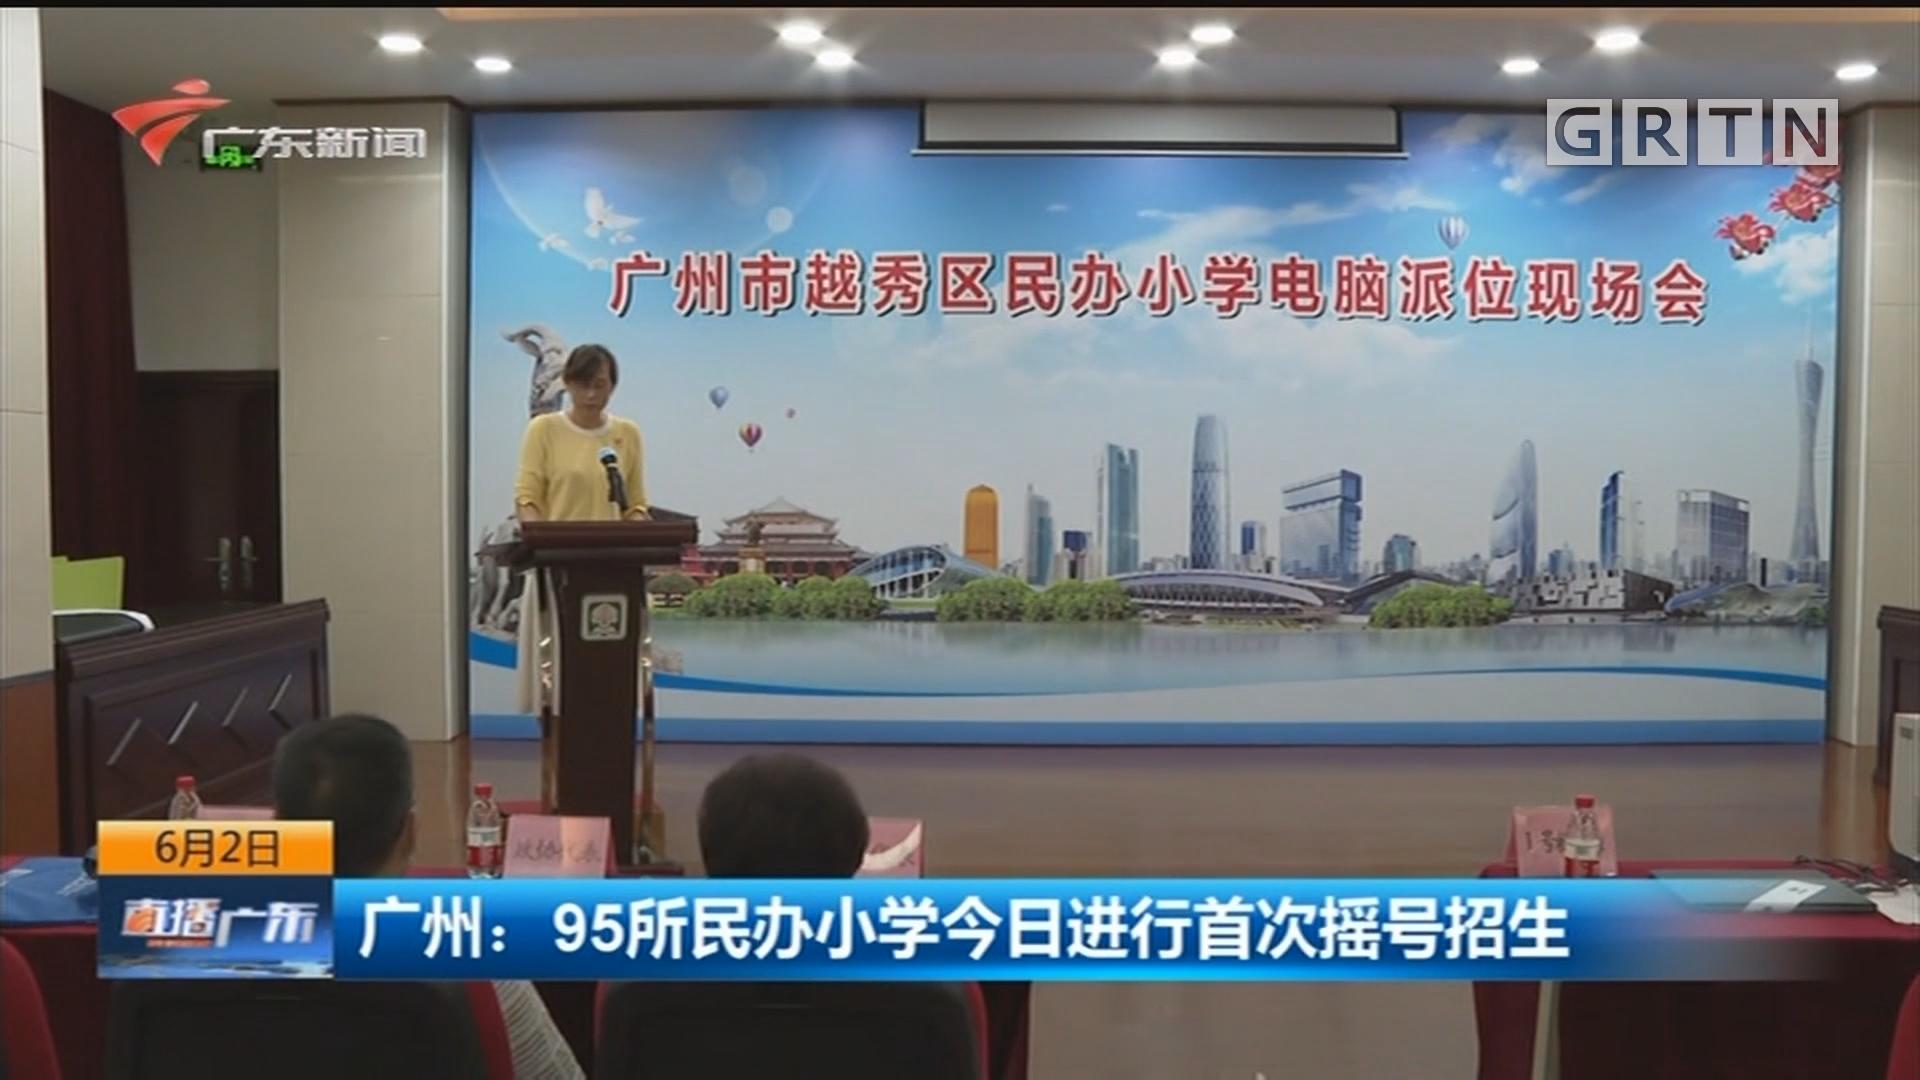 广州:95所民办小学今日进行首次摇号招生